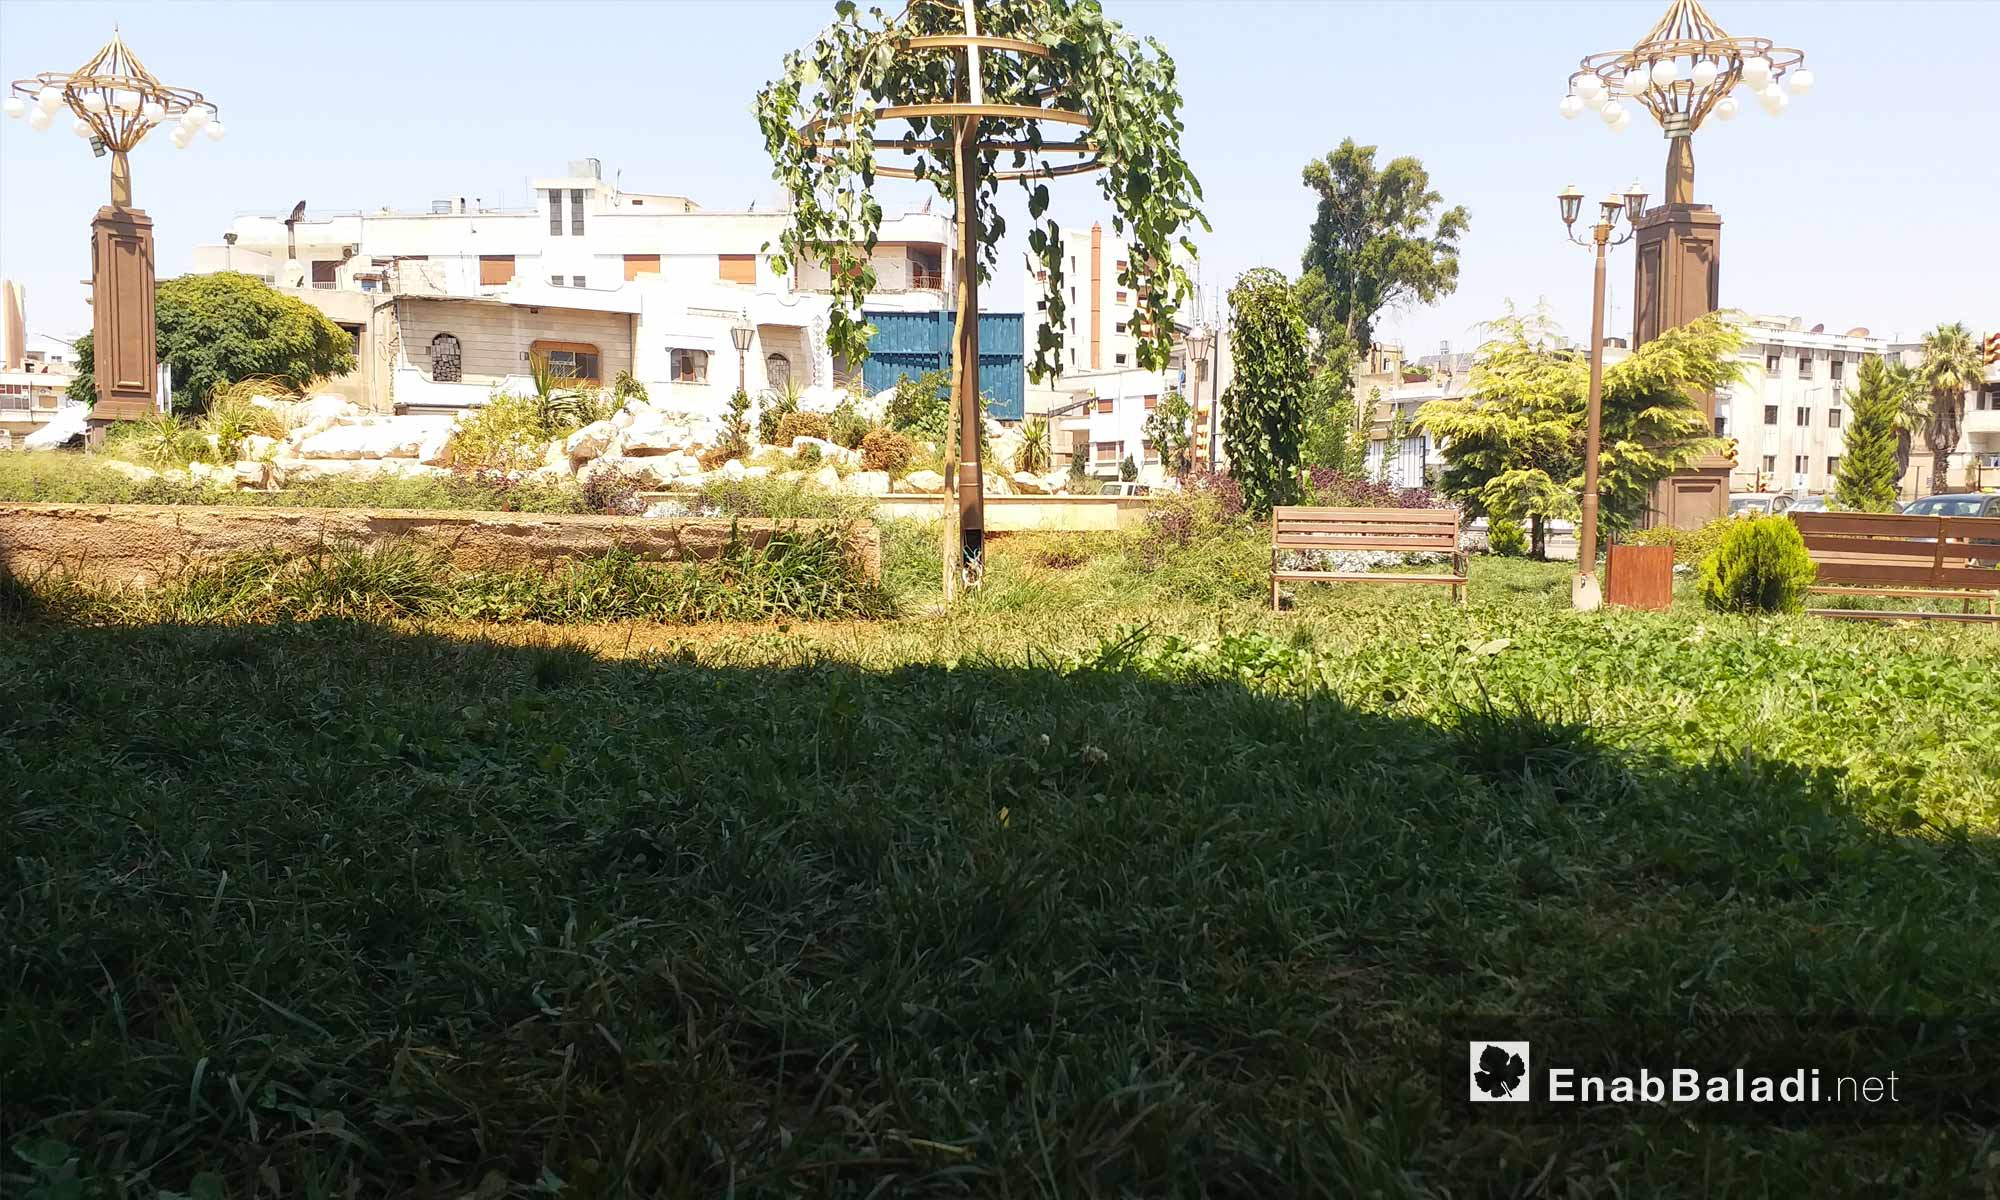 حديقة الياسمين في حي الدبلان بمدينة حمص - 19 من آب 2018 (عنب بلدي)